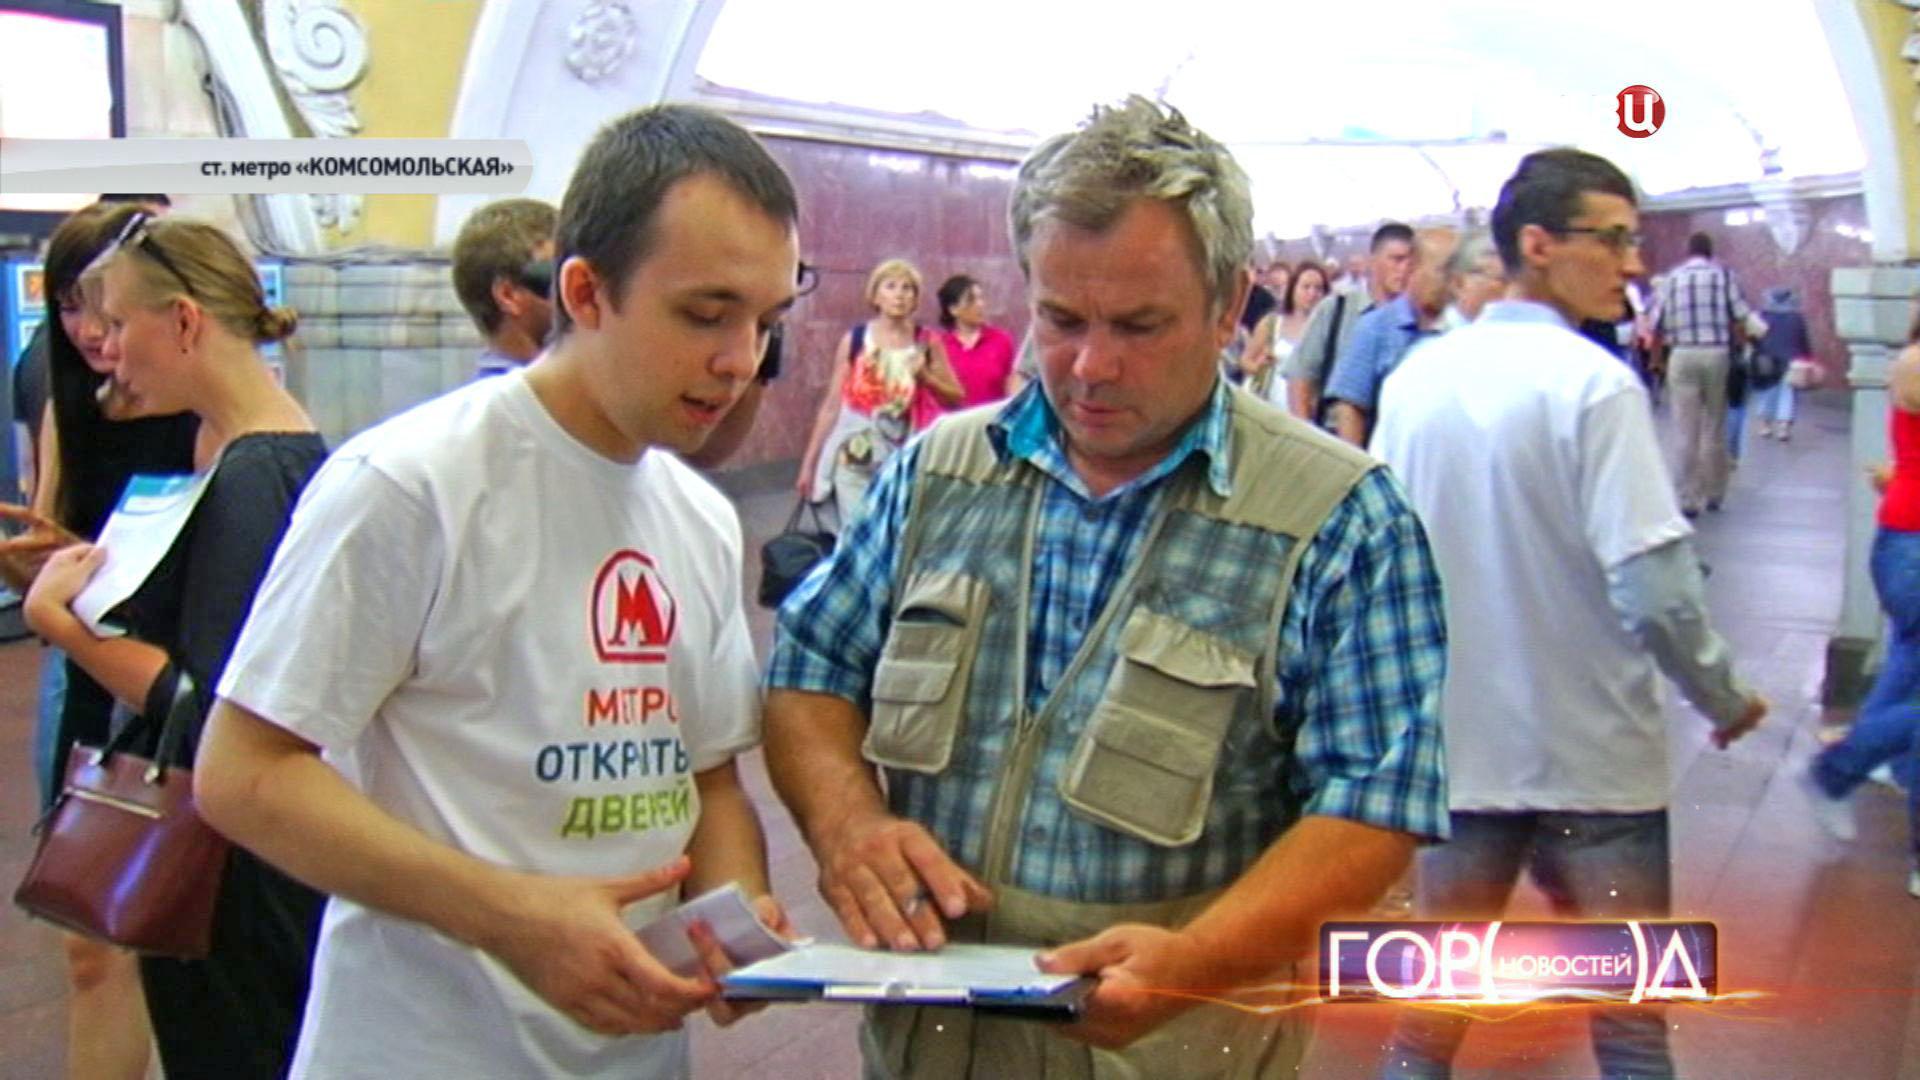 """Опрос пассажиров метро в рамках акции """"Метро открытых дверей"""""""